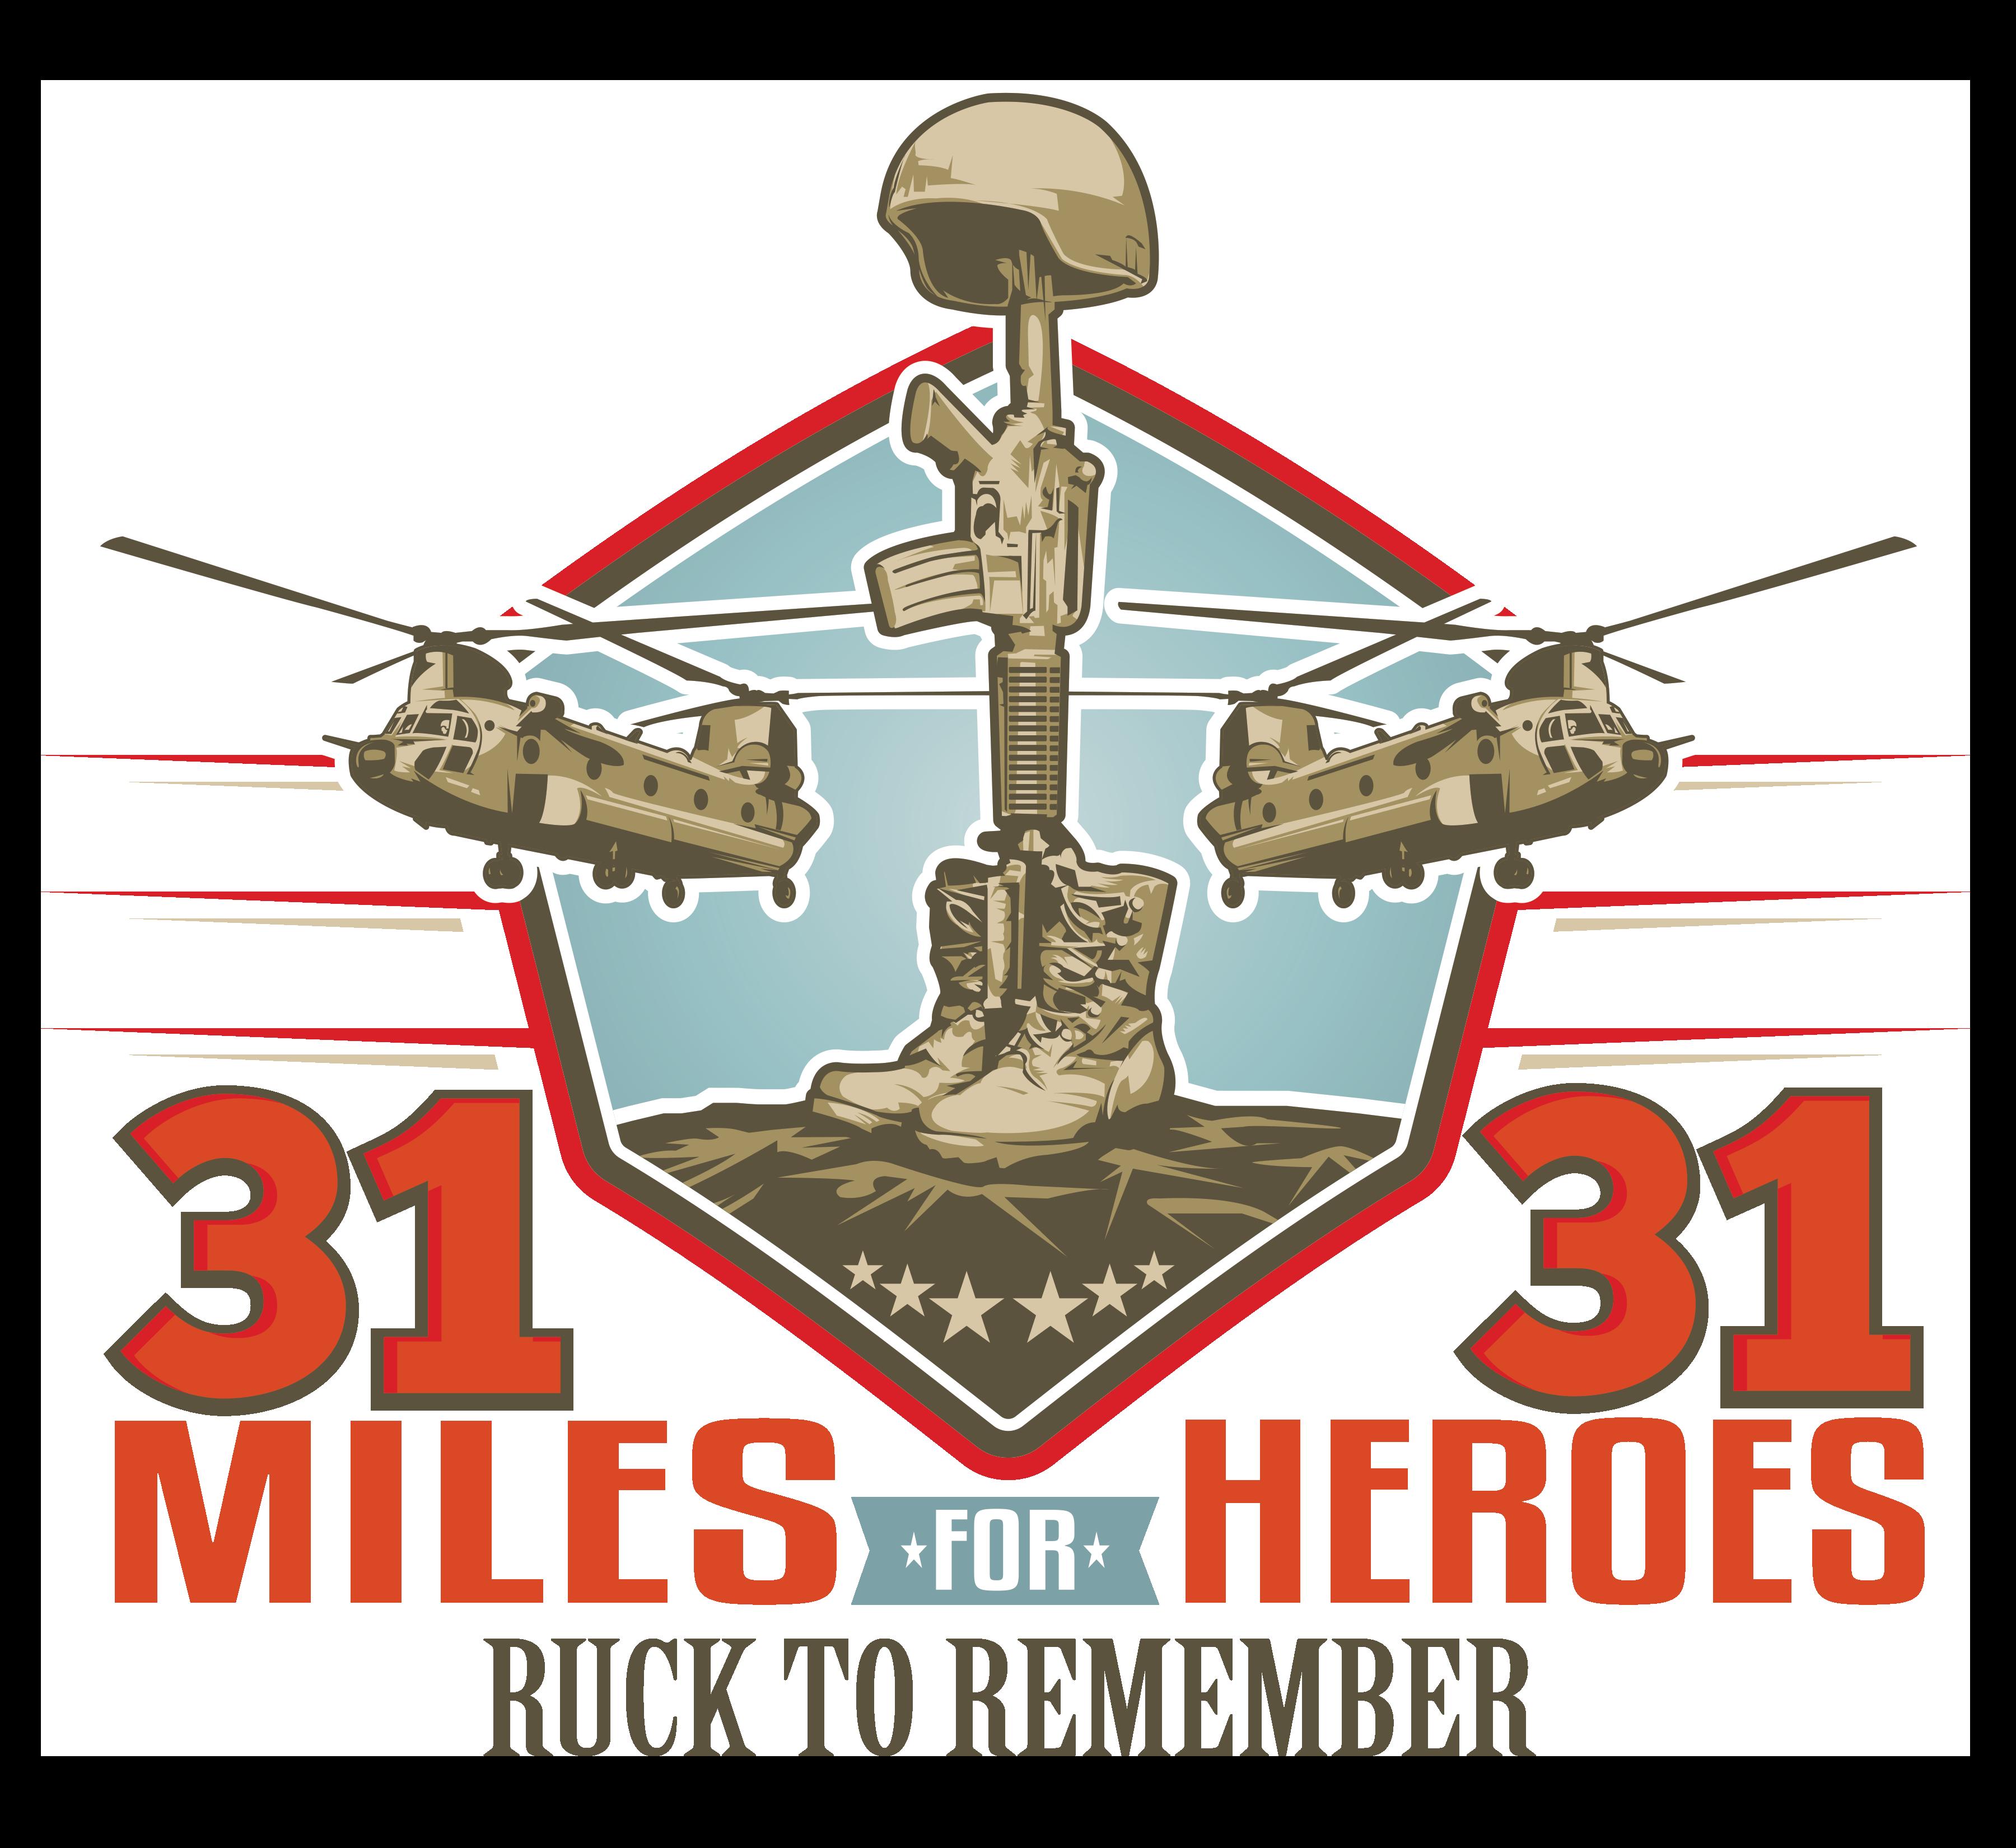 31.miles